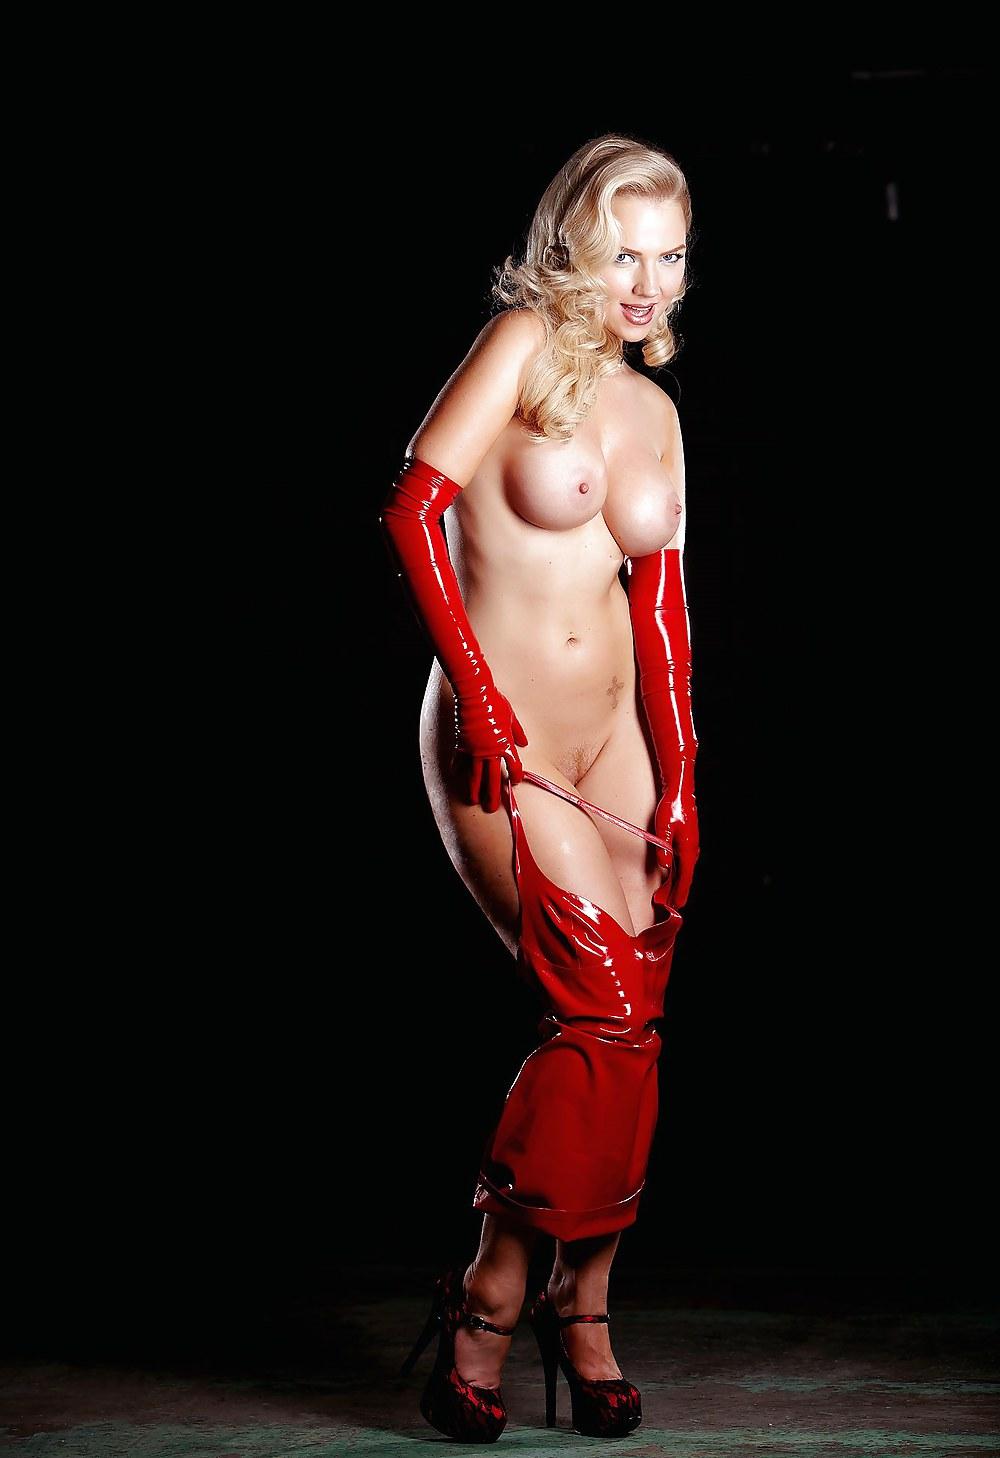 голая блондинка в красном платье многих других исследованиях